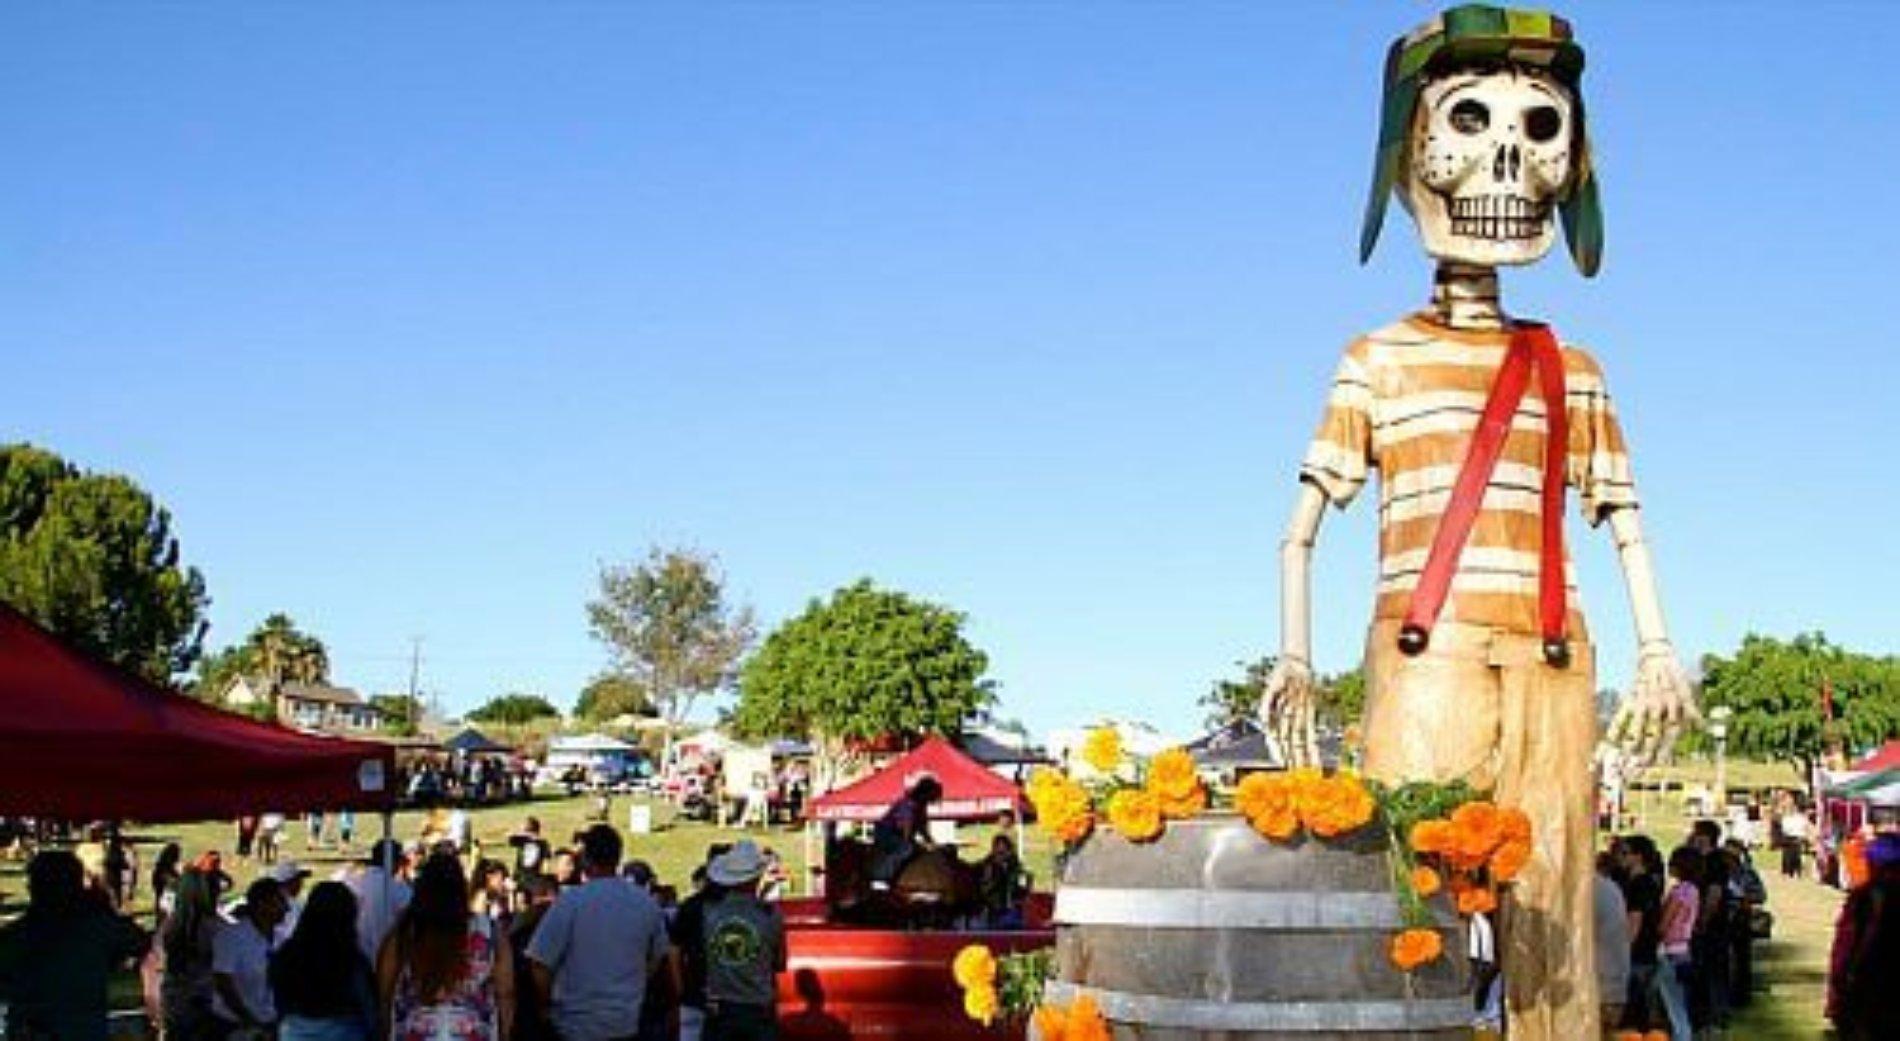 Promueven tradición Mexicana de Día de Muertos con magno evento en National City California